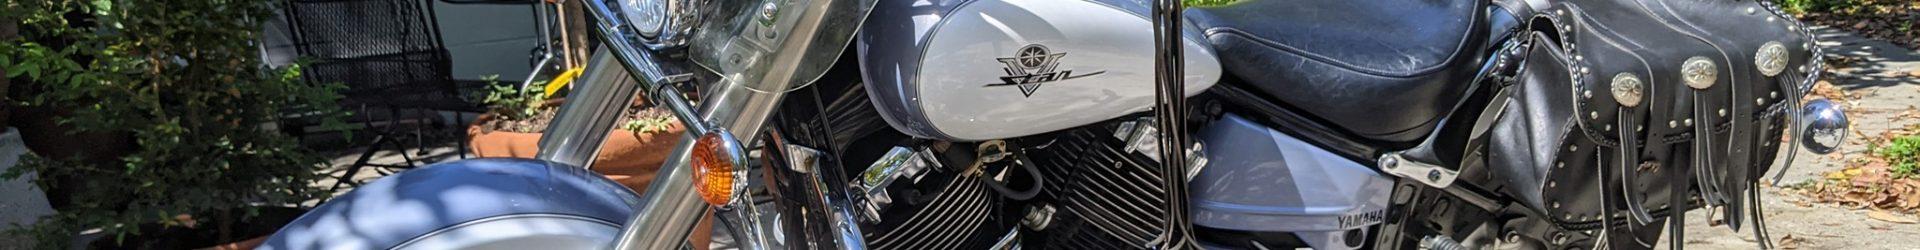 Manifesting My Motorcyle